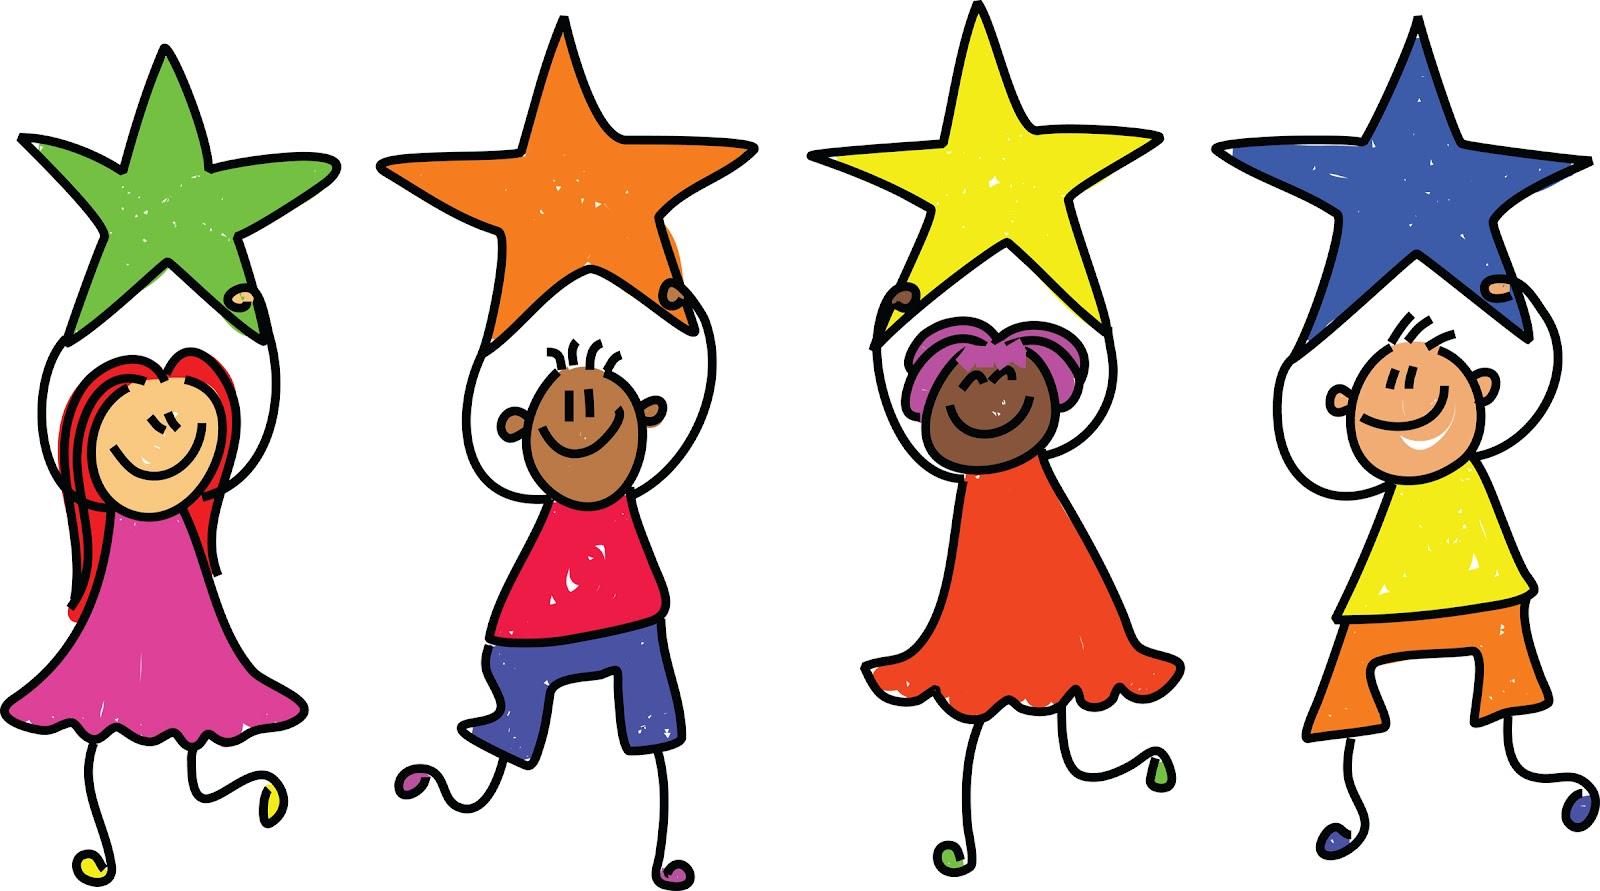 Kindergarten Clip Art Black And White Fr-Kindergarten Clip Art Black And White Free-4